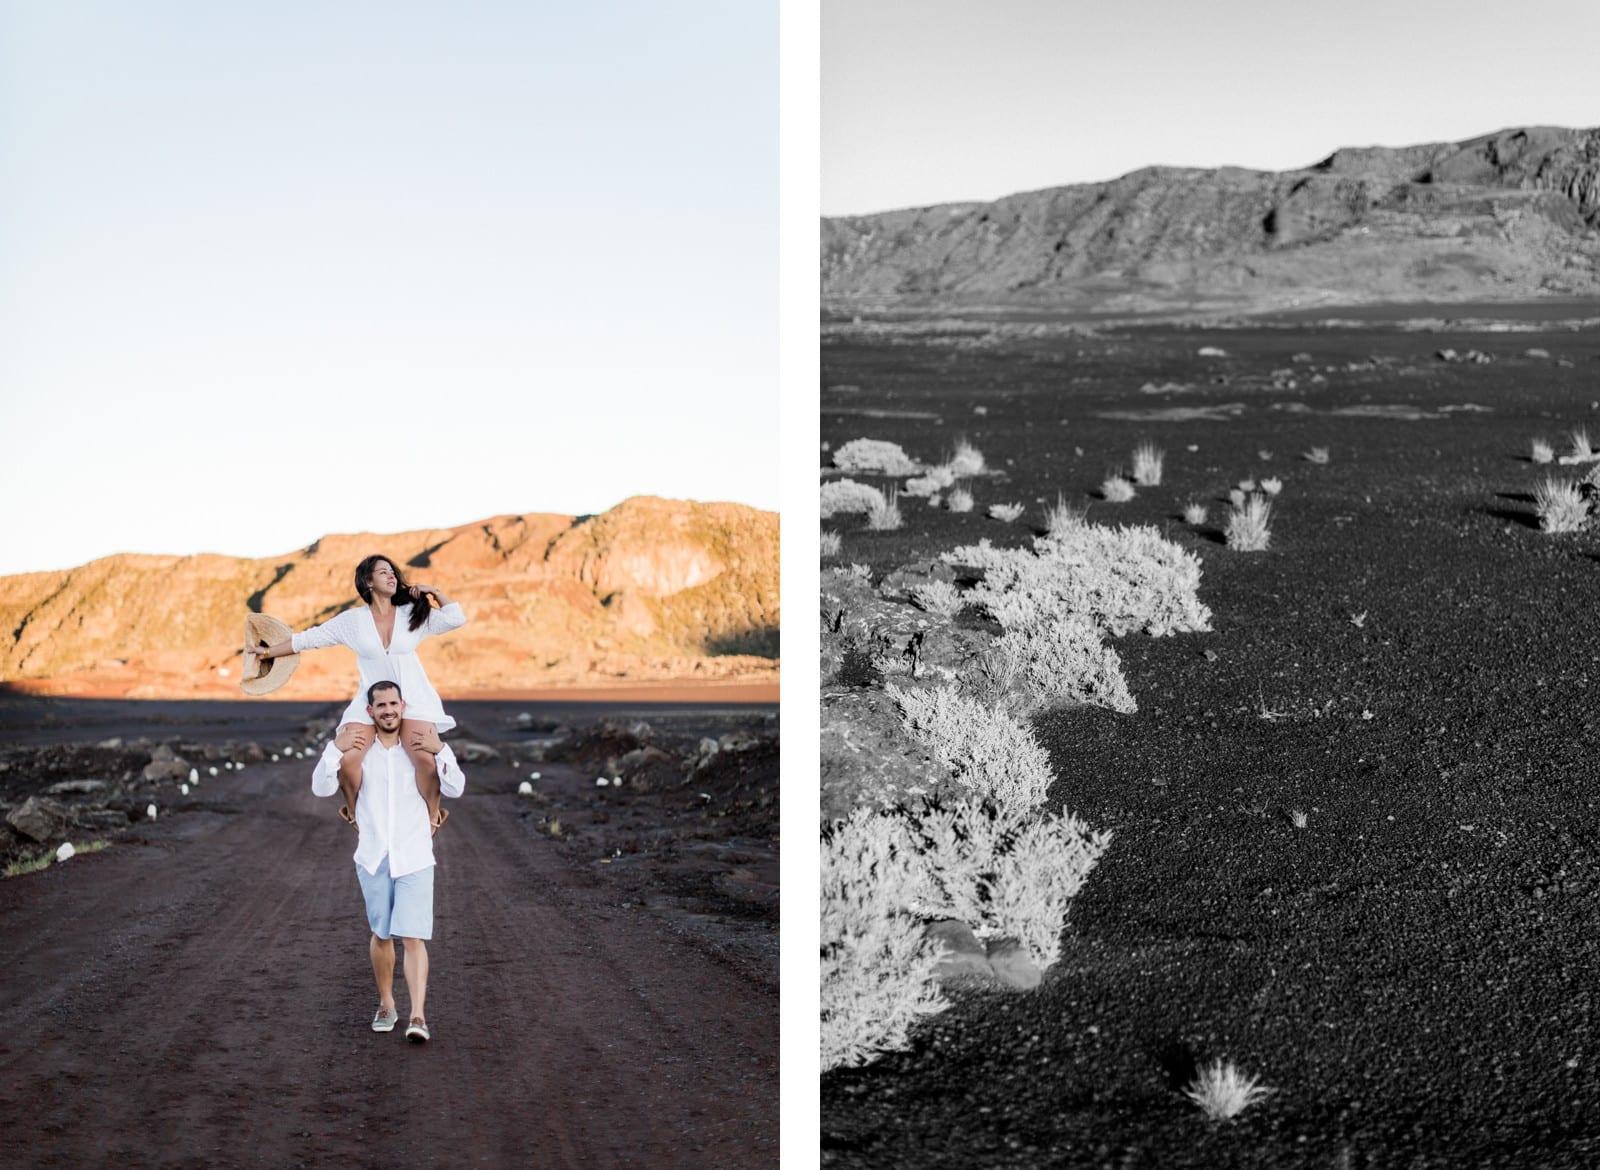 Photographie de Mathieu Dété, photographe de mariage et couple à Saint-Pierre de la Réunion 974, présentant une femme sur les épaules de son compagnon au lever du soleil à la Plaine des Sables